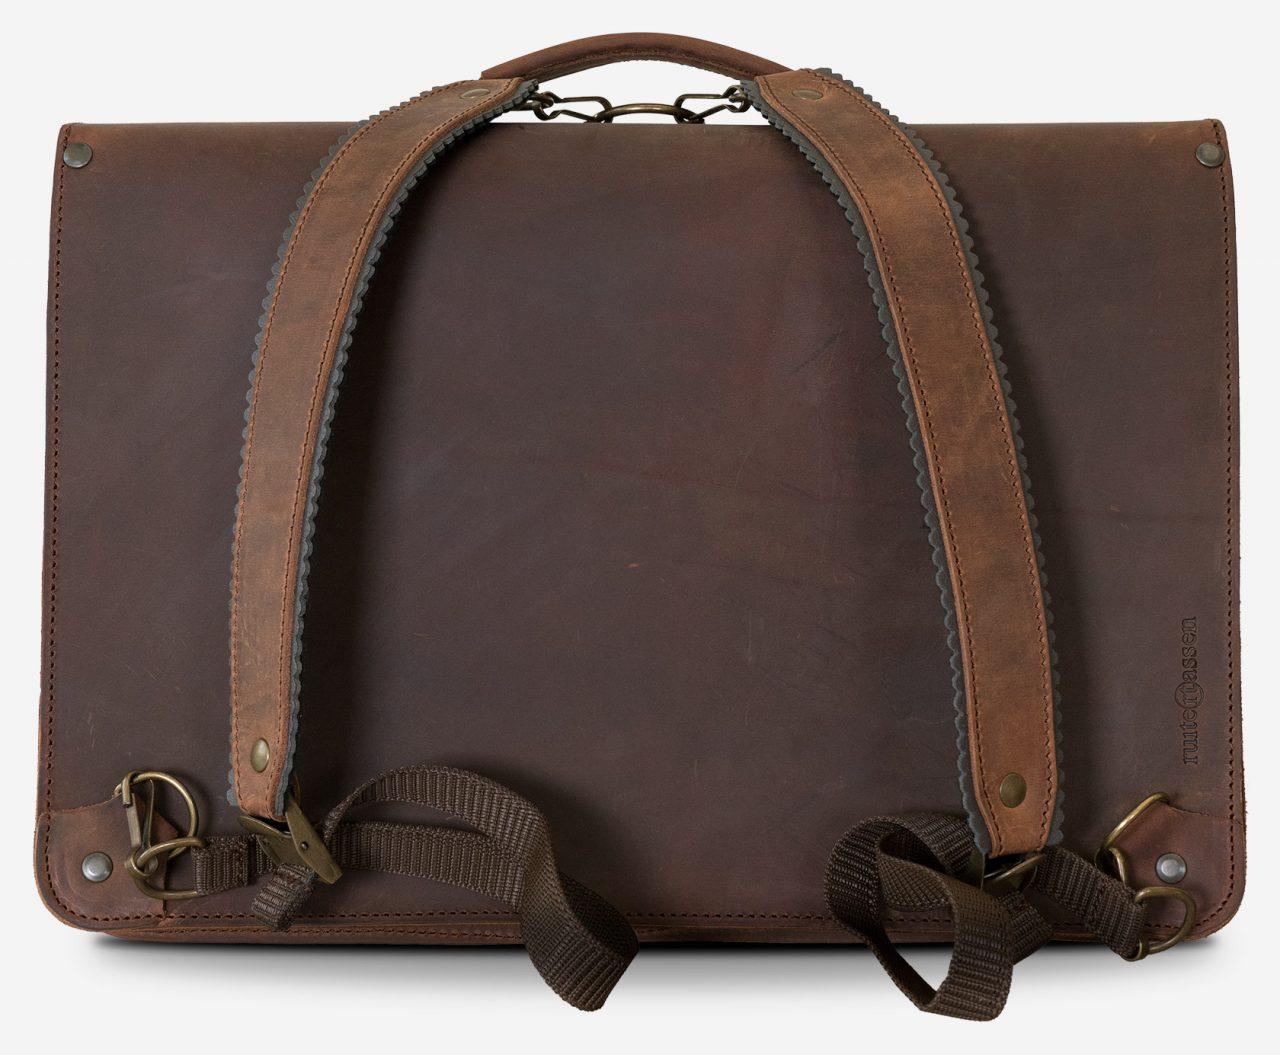 Cartable cuir vintage avec bretelles sac à dos.